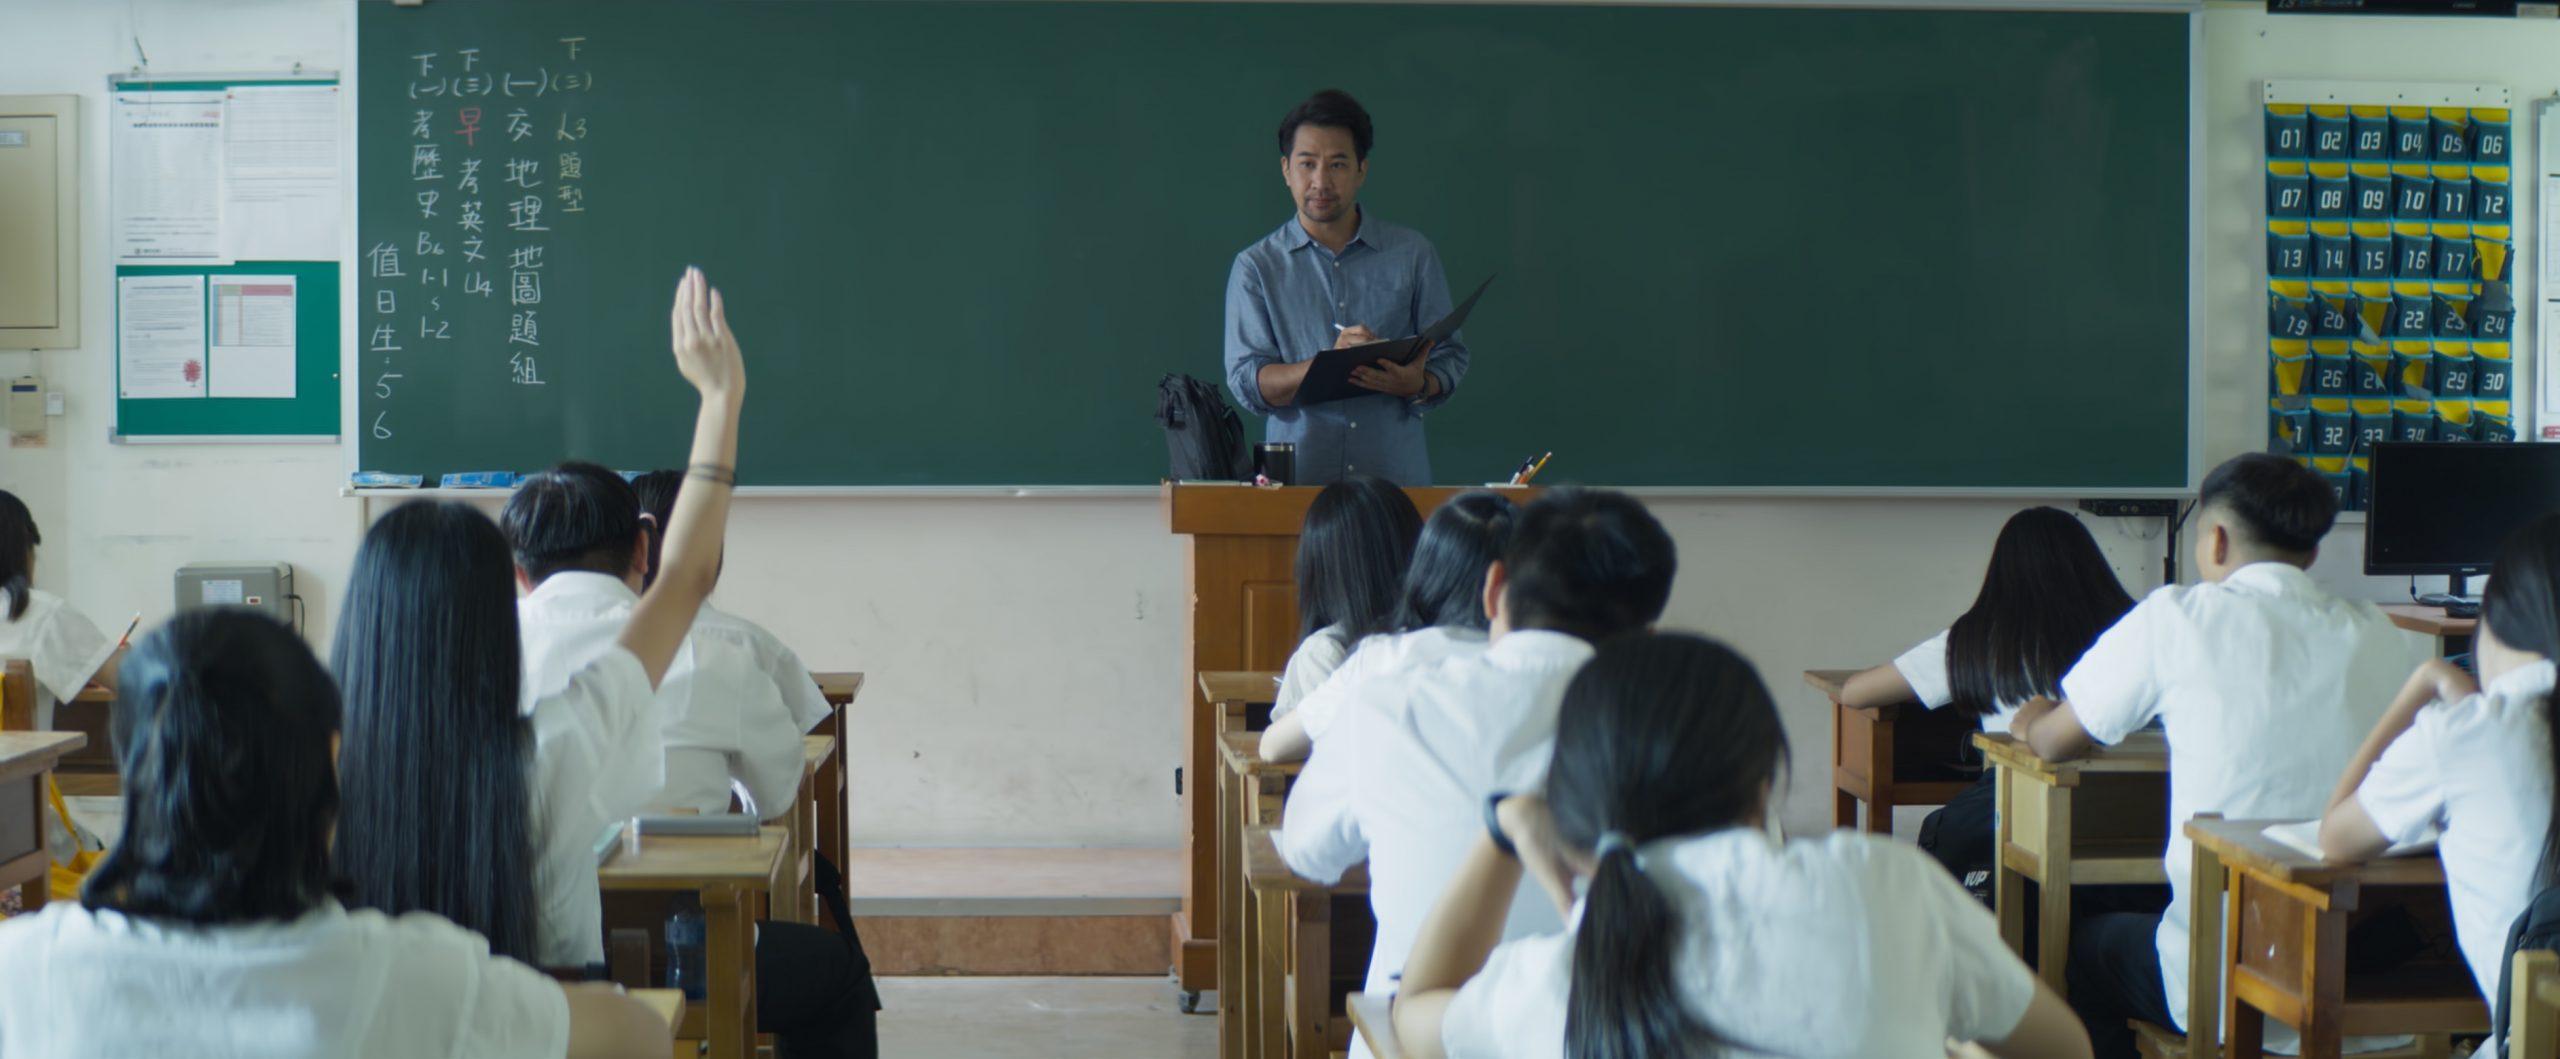 《與更好的你相遇》台灣教師的必經課程:回望一眼,無價   短片影評